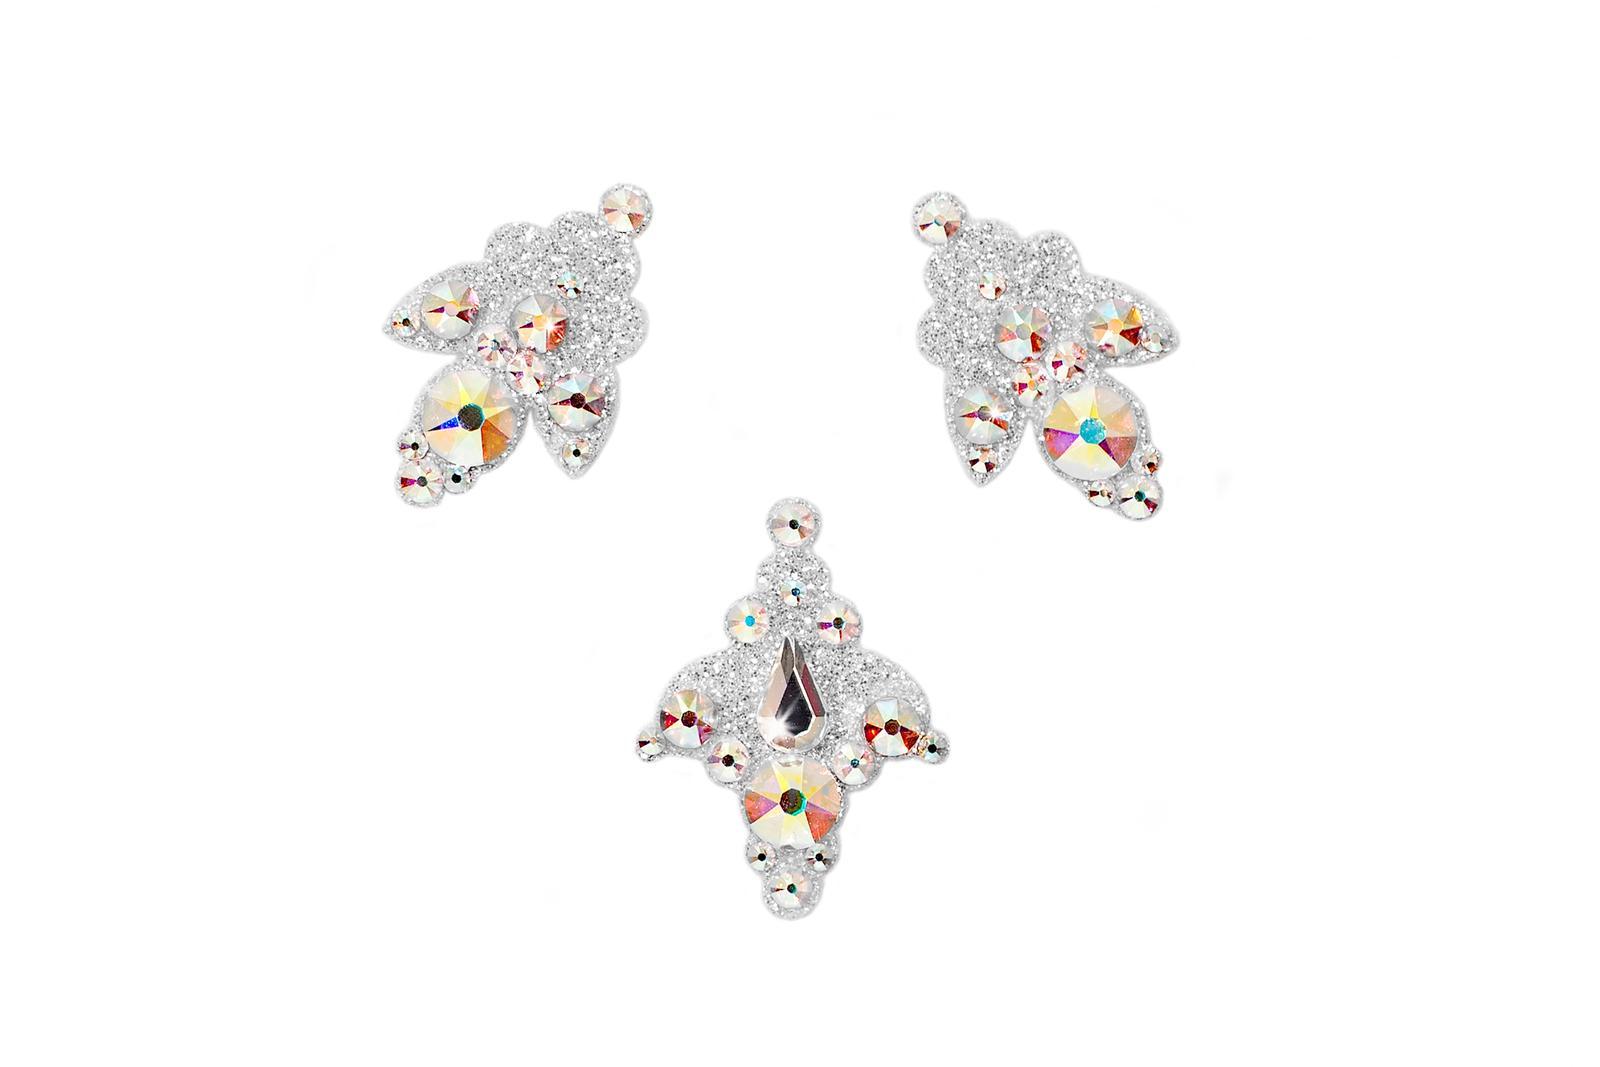 SO.nia nalepovací šperk Venice iridiscentní 3 ks - Obrázek č. 1